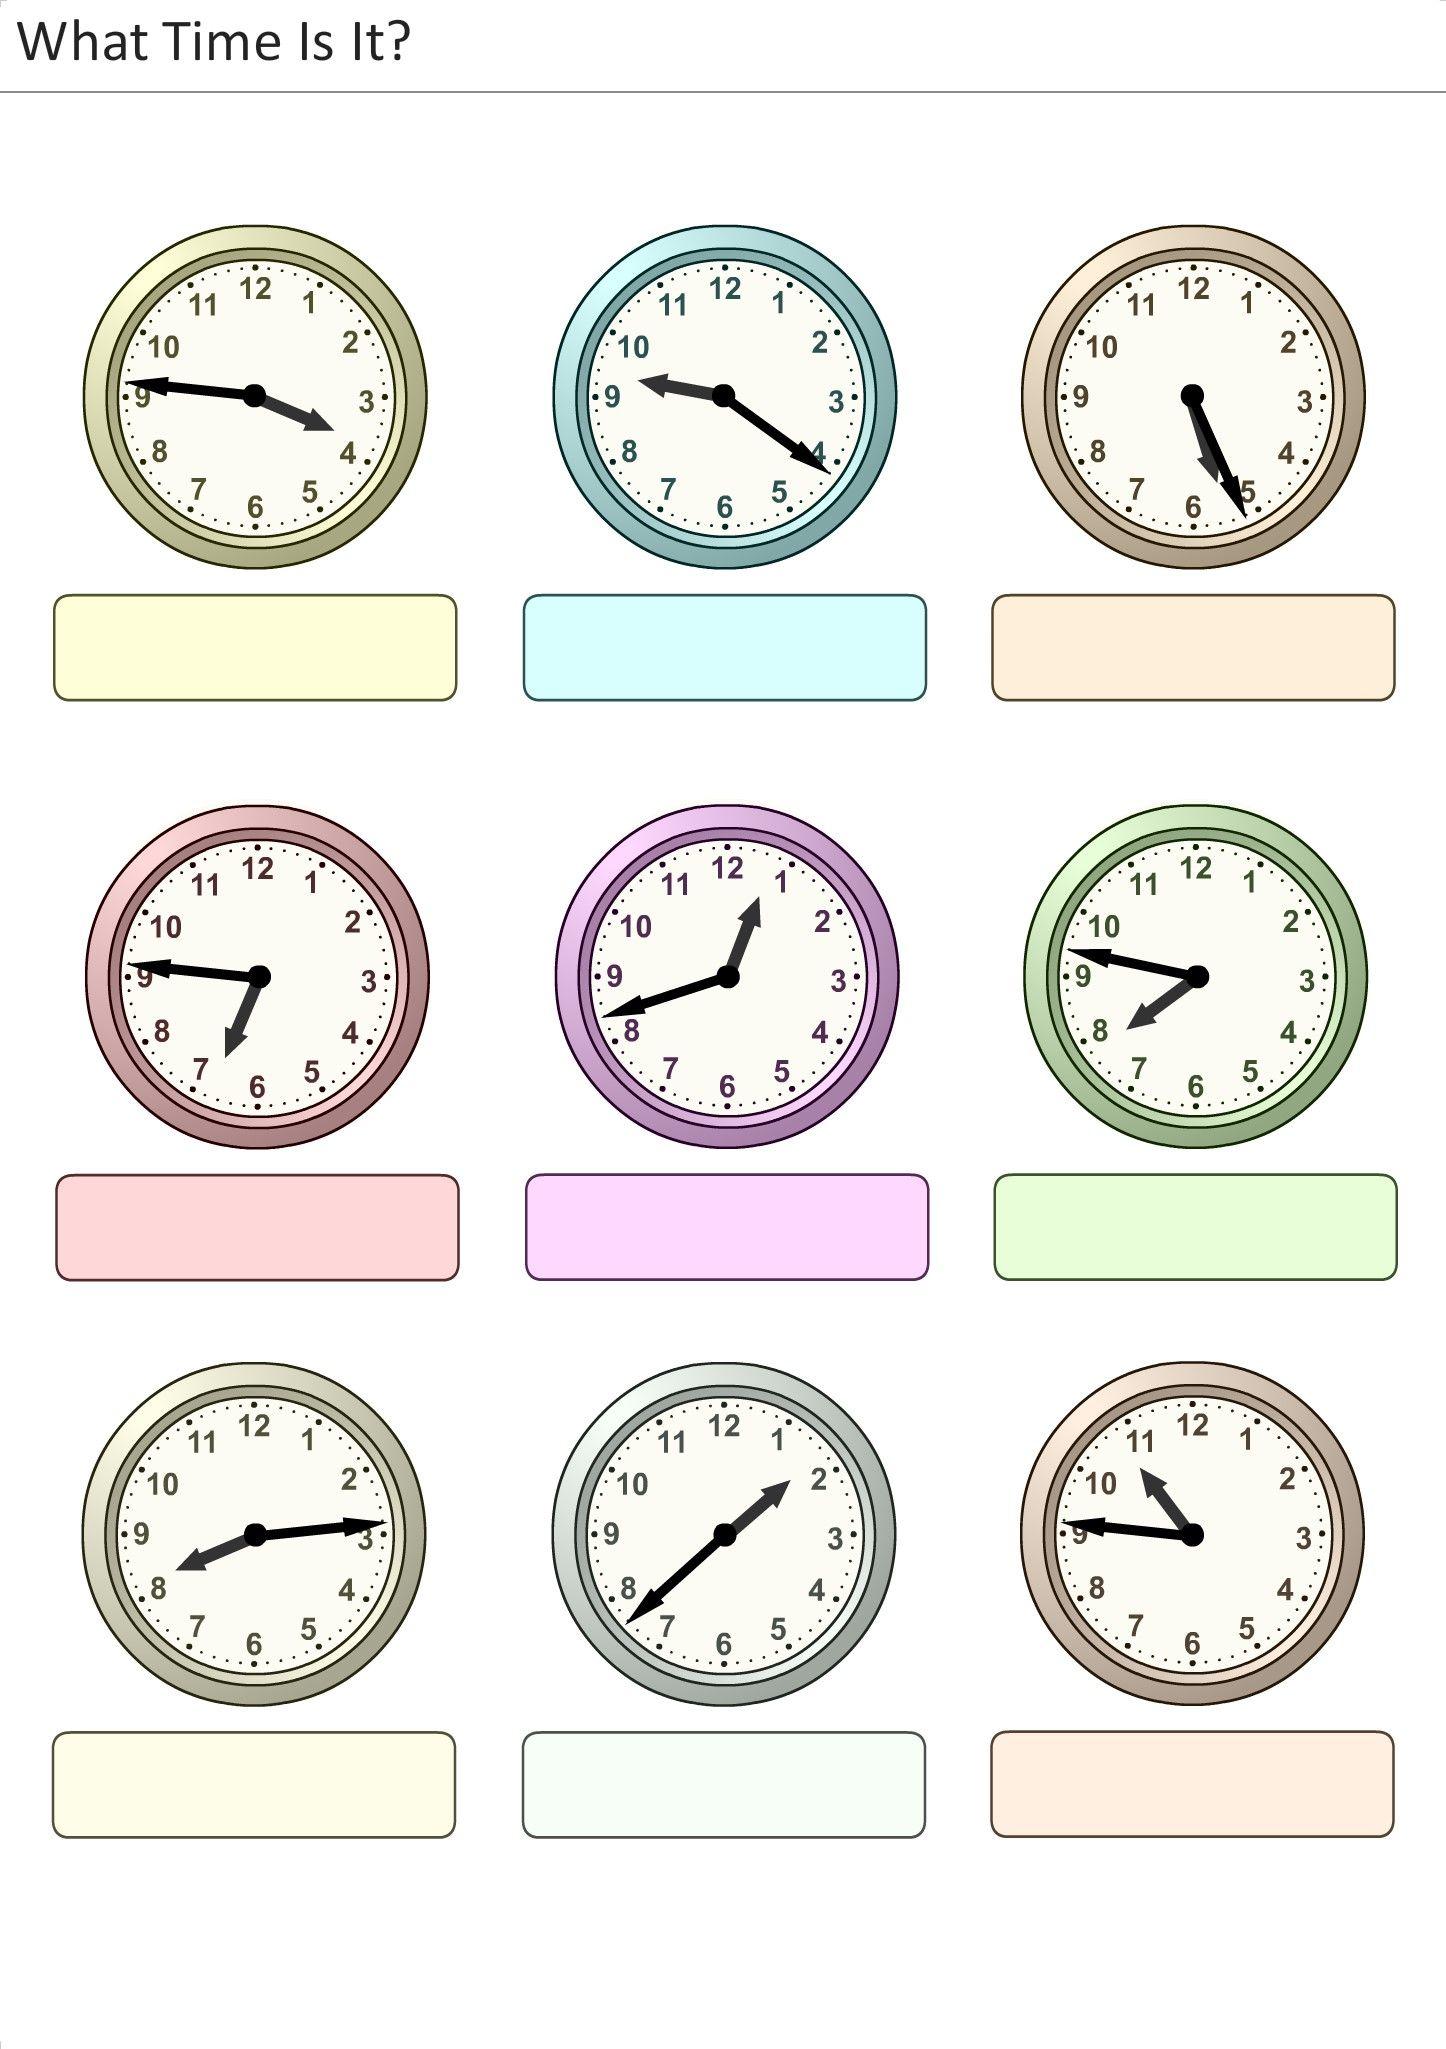 Worksheets La Hora Worksheet actividades para preescolar primaria e inicial plantillas worksheets con relojes analogicos apre